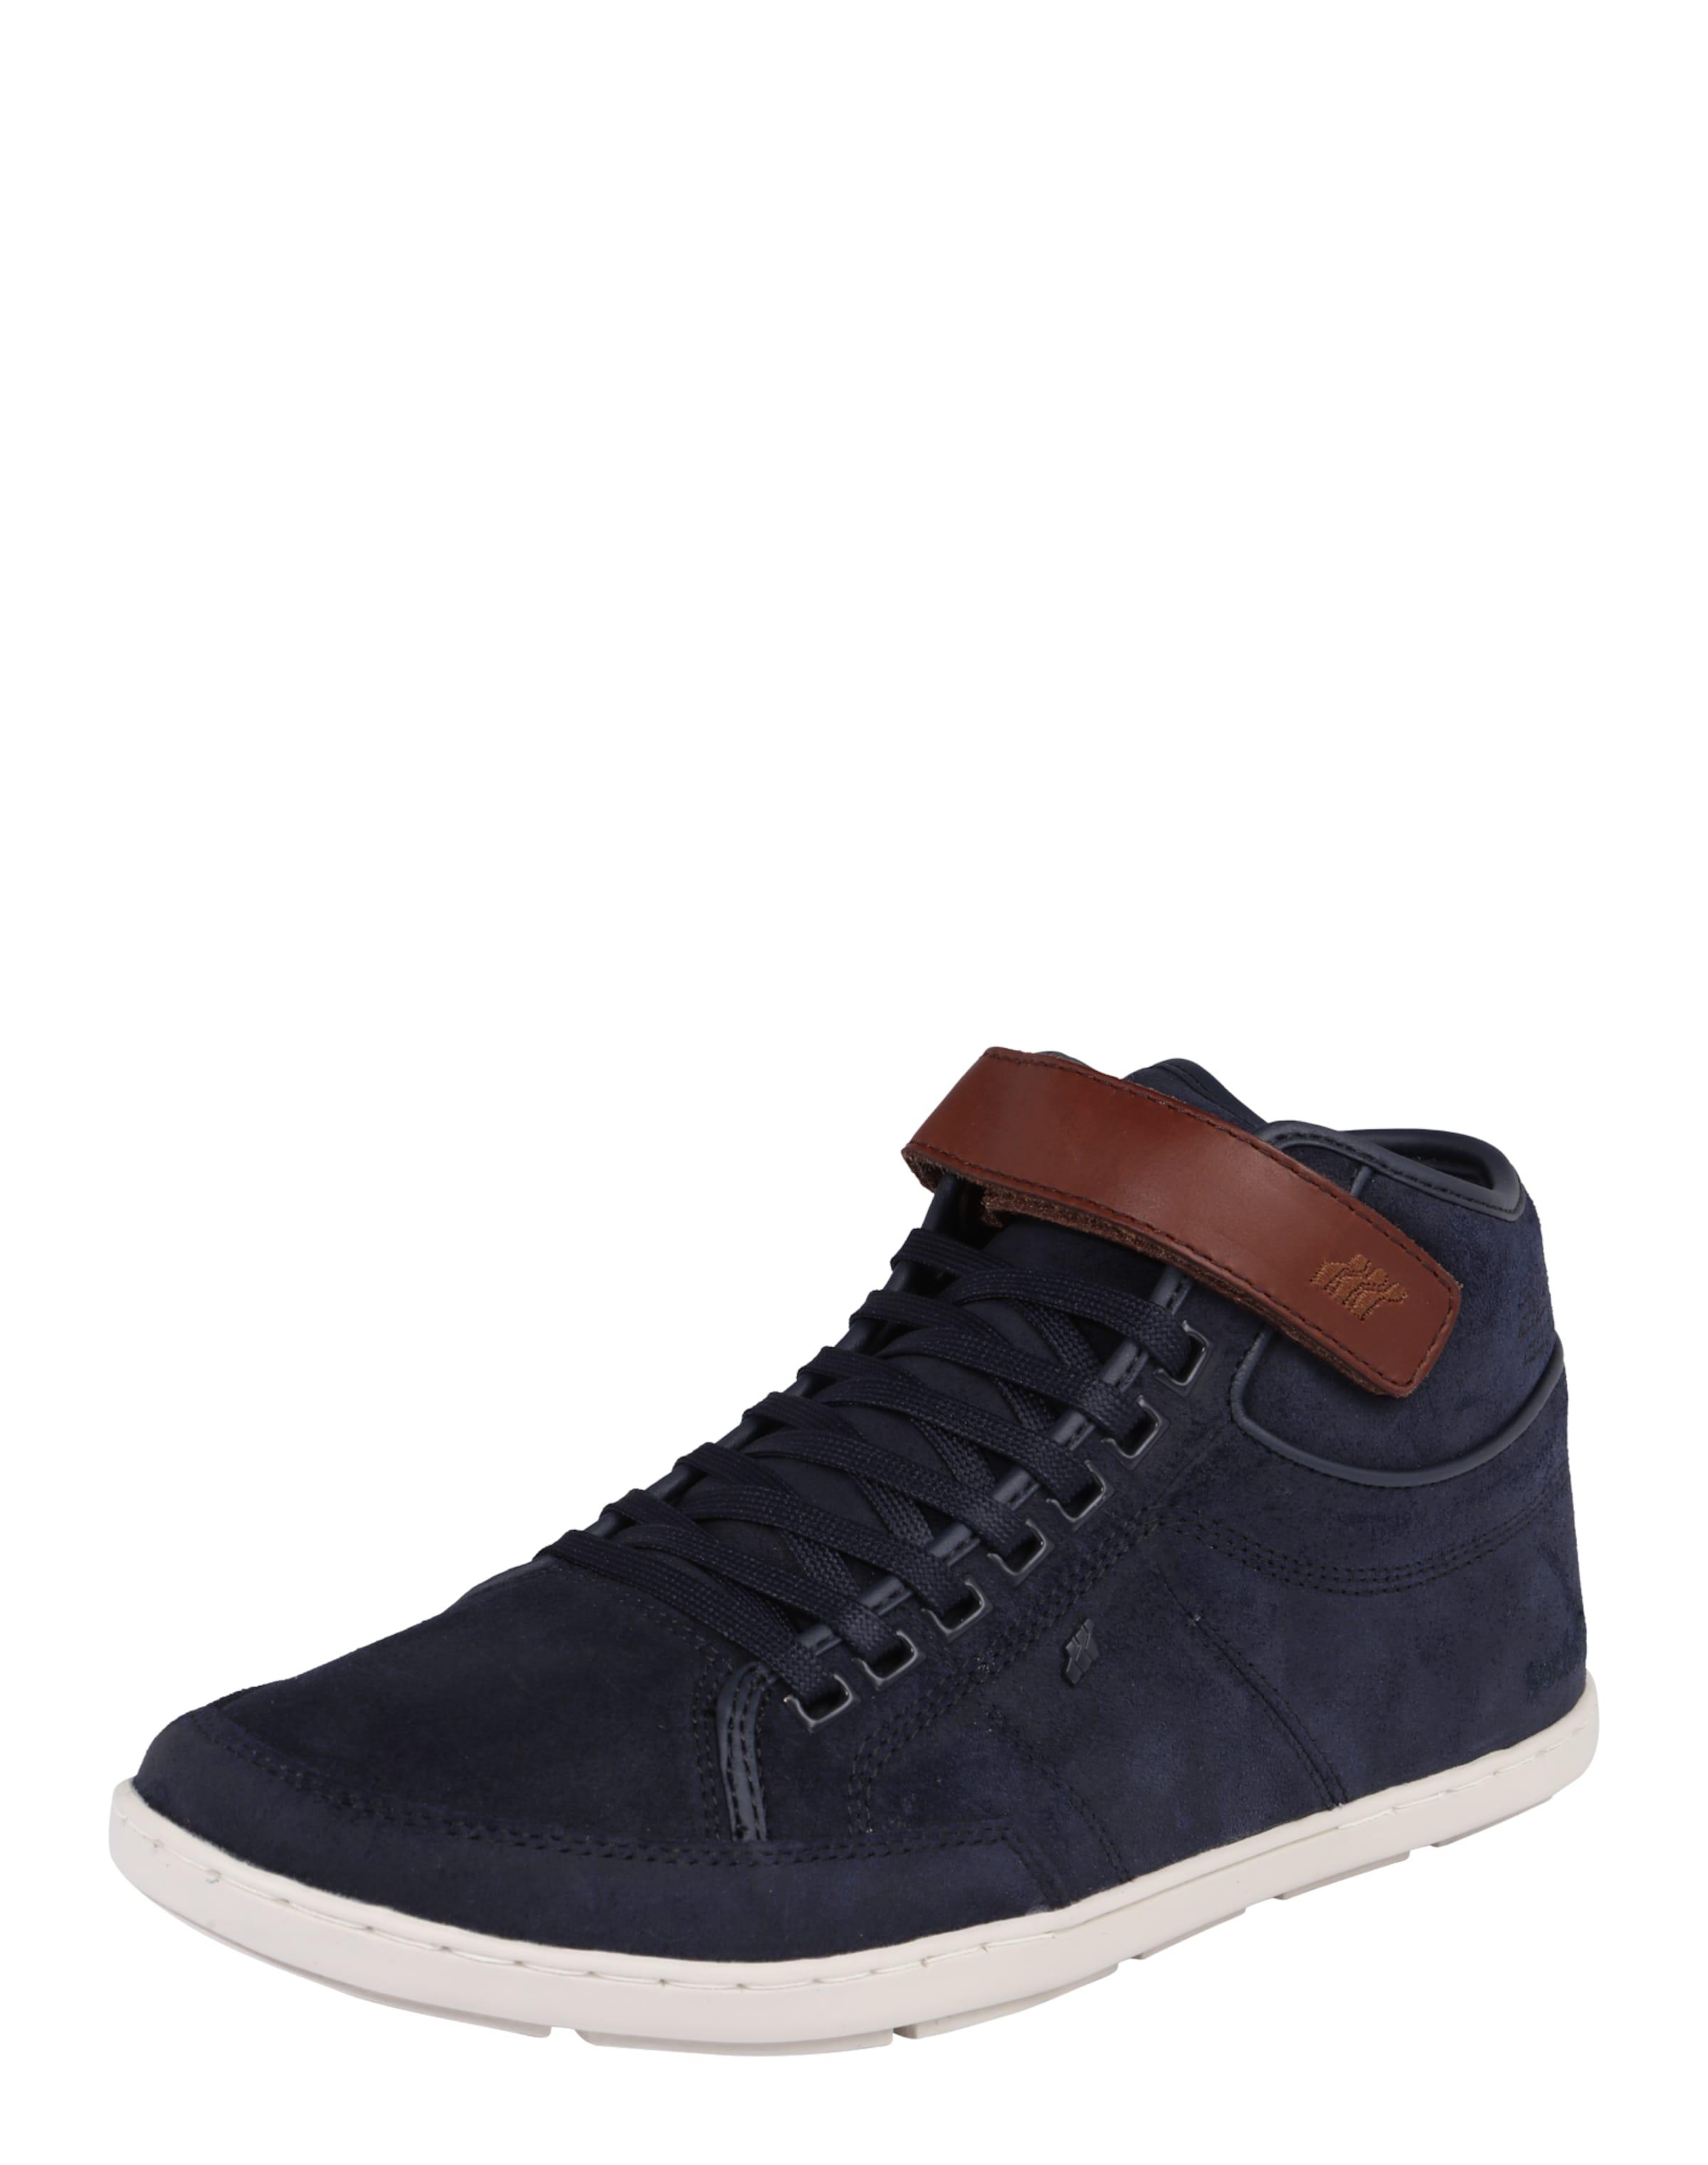 Sneaker In Boxfresh Boxfresh 'swich' Sneaker Navy 'swich' F3KlcTJ1